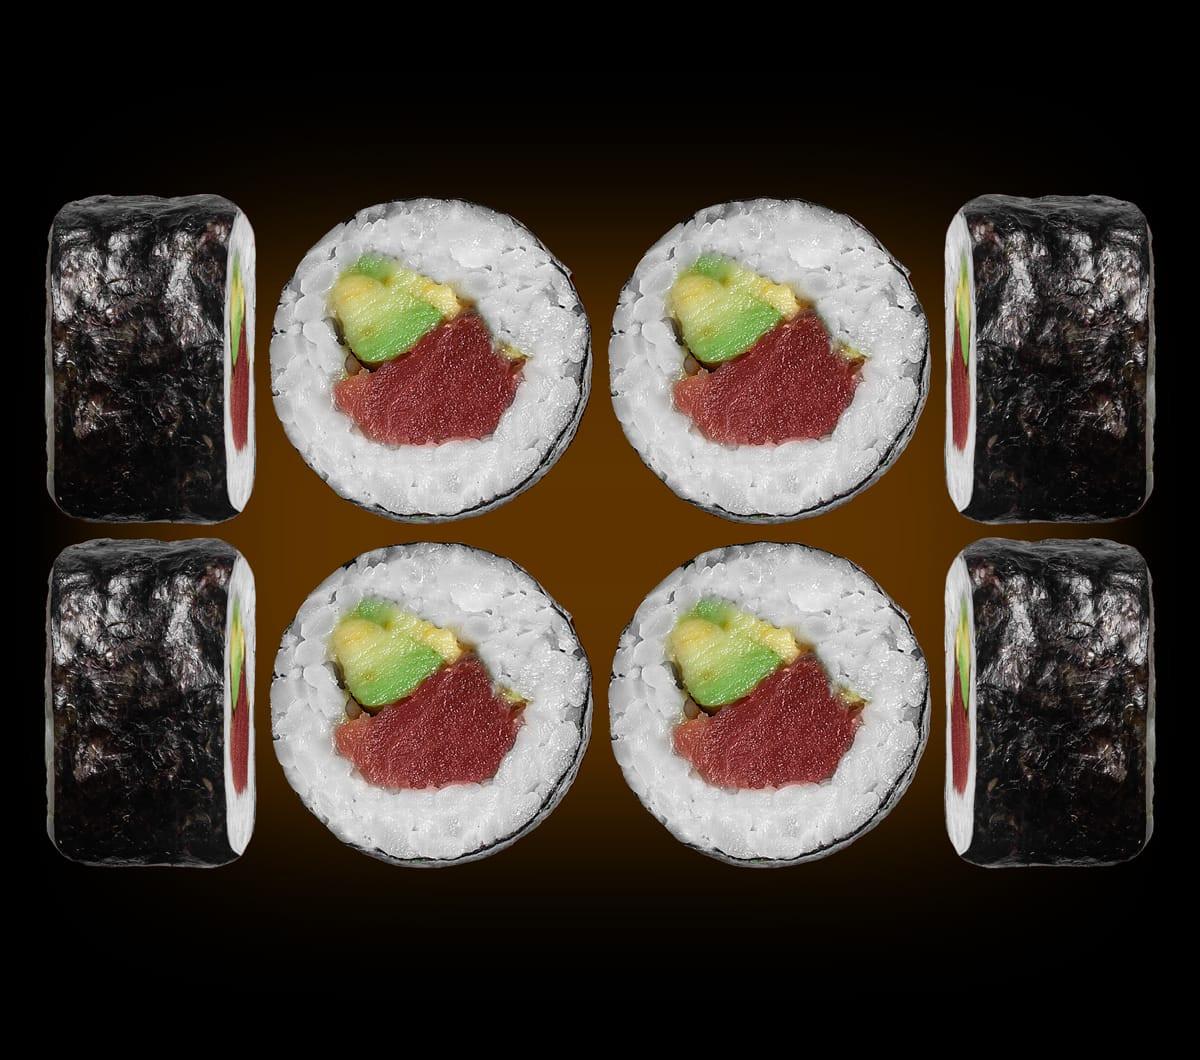 заказать: Роллы - Маки с тунцом и авокадо